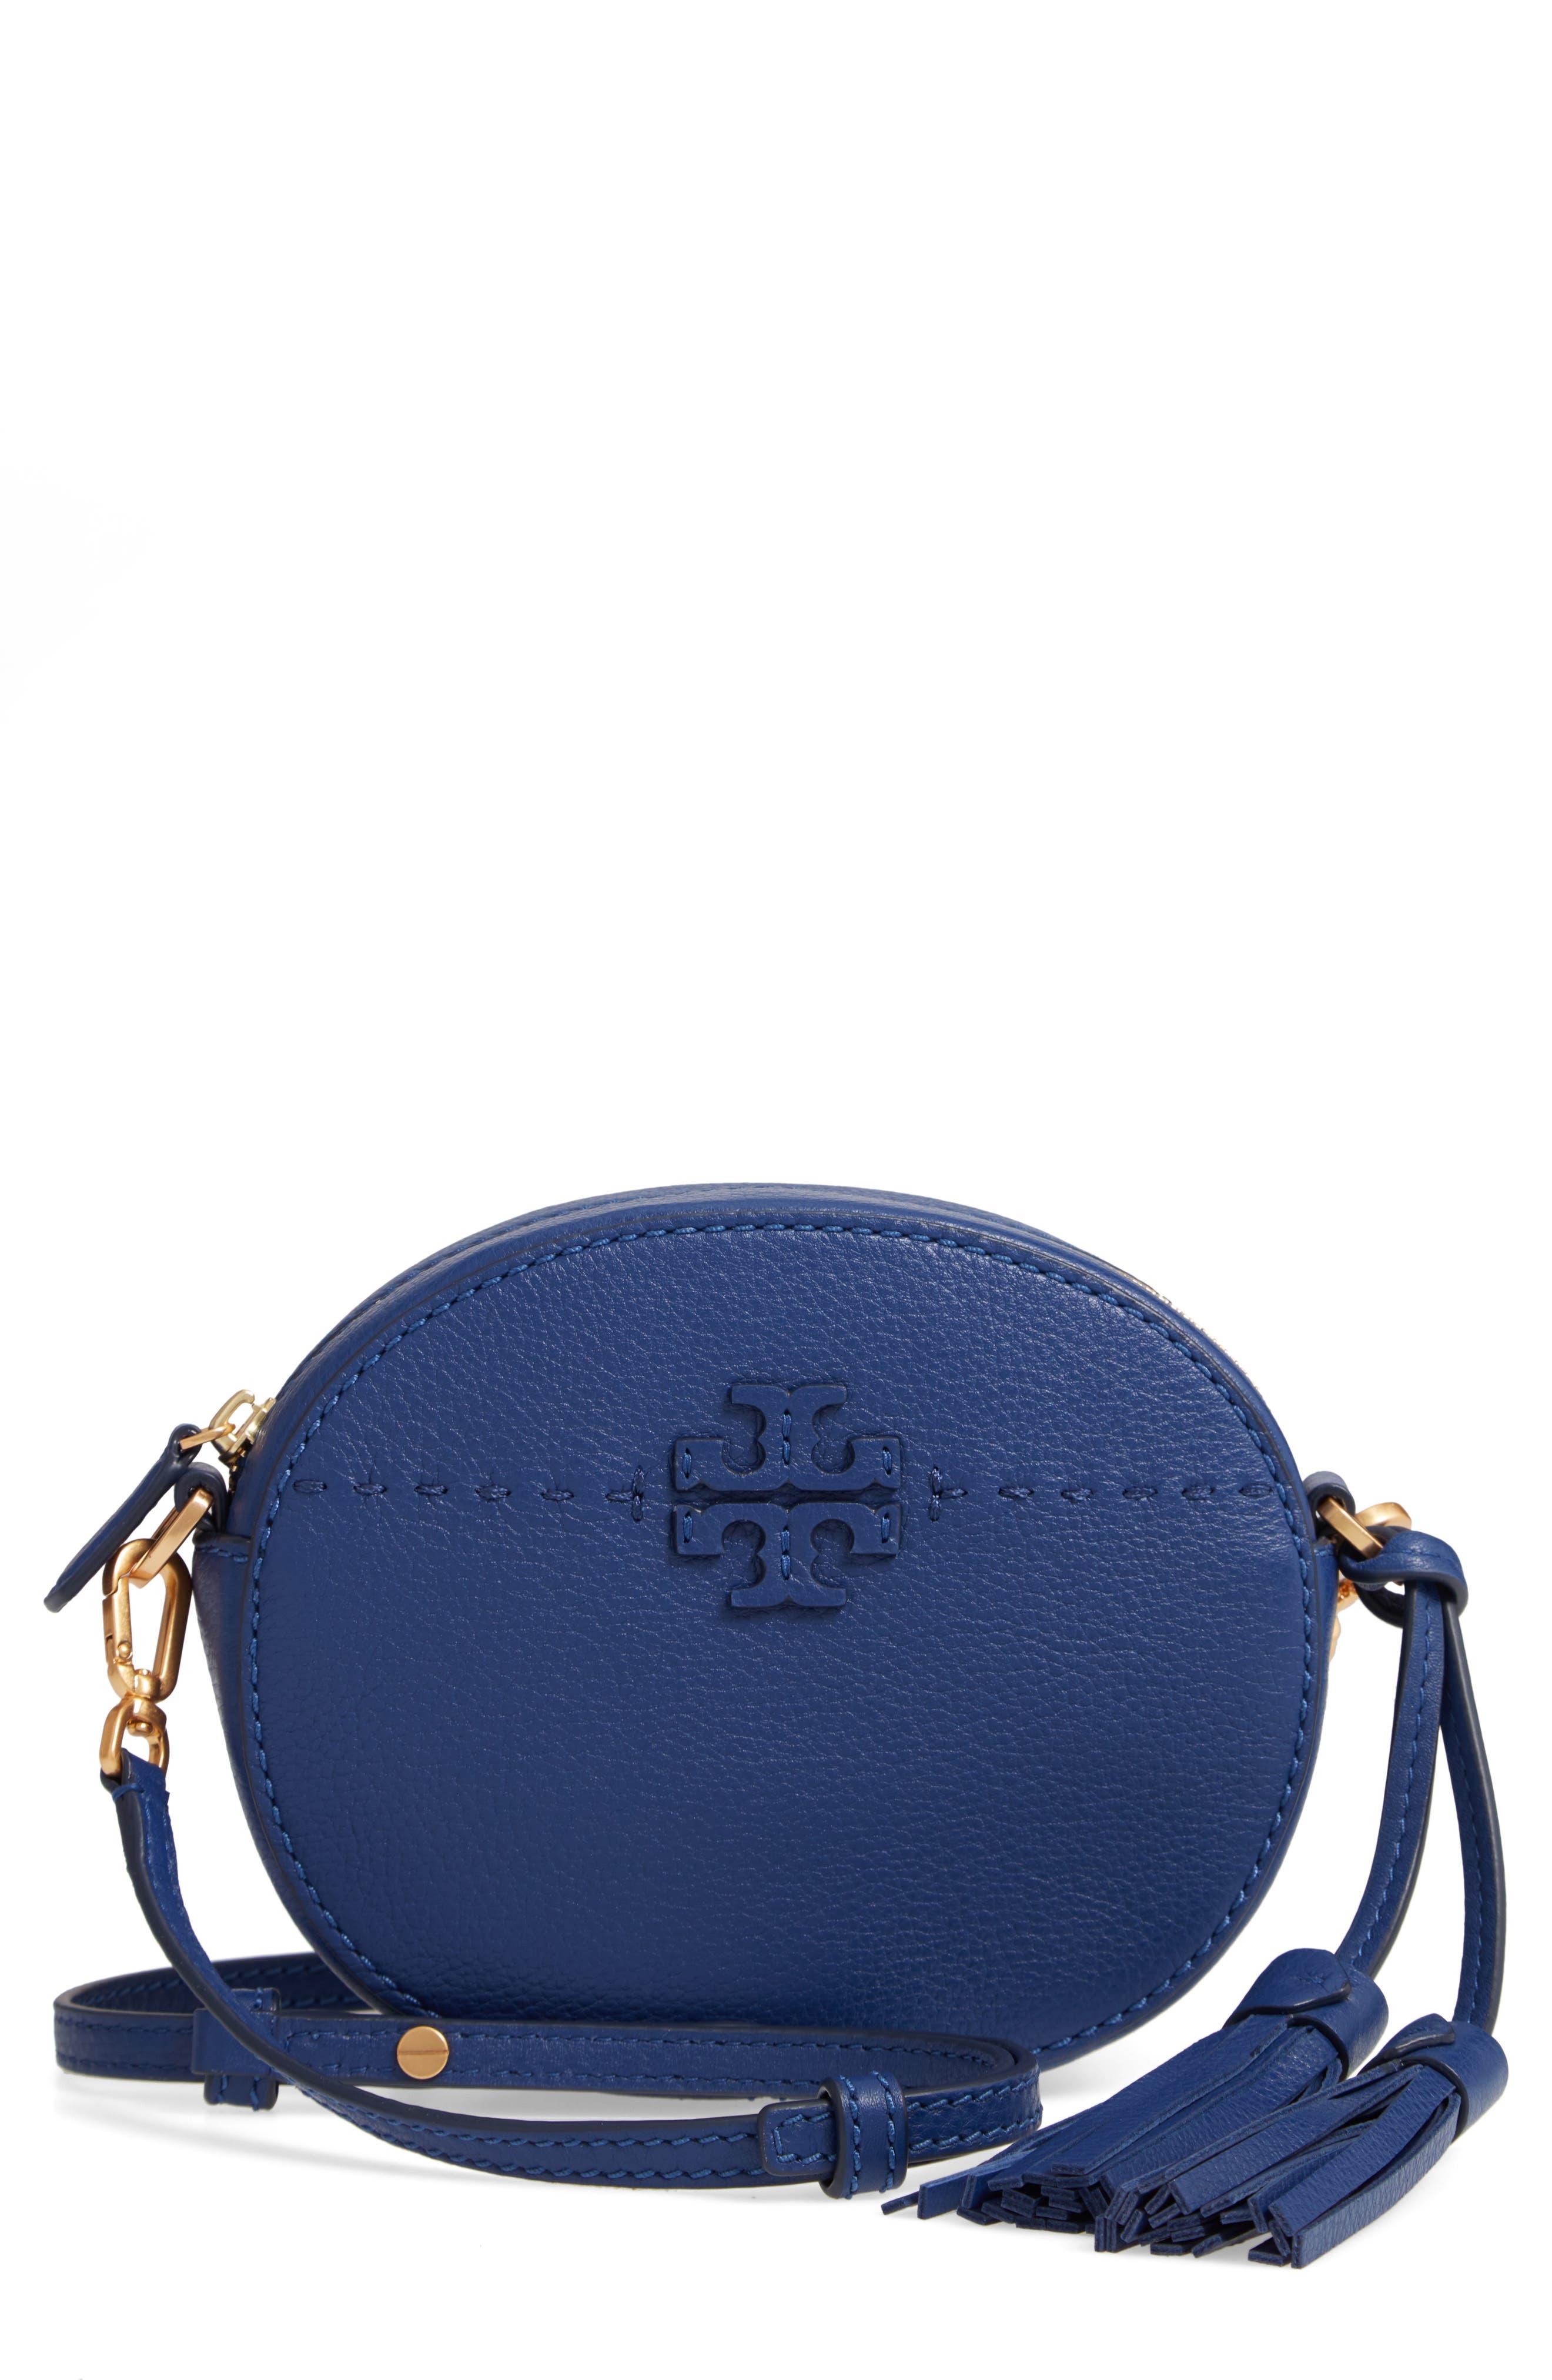 McGraw Leather Crossbody Bag,                         Main,                         color, BRIGHT INDIGO